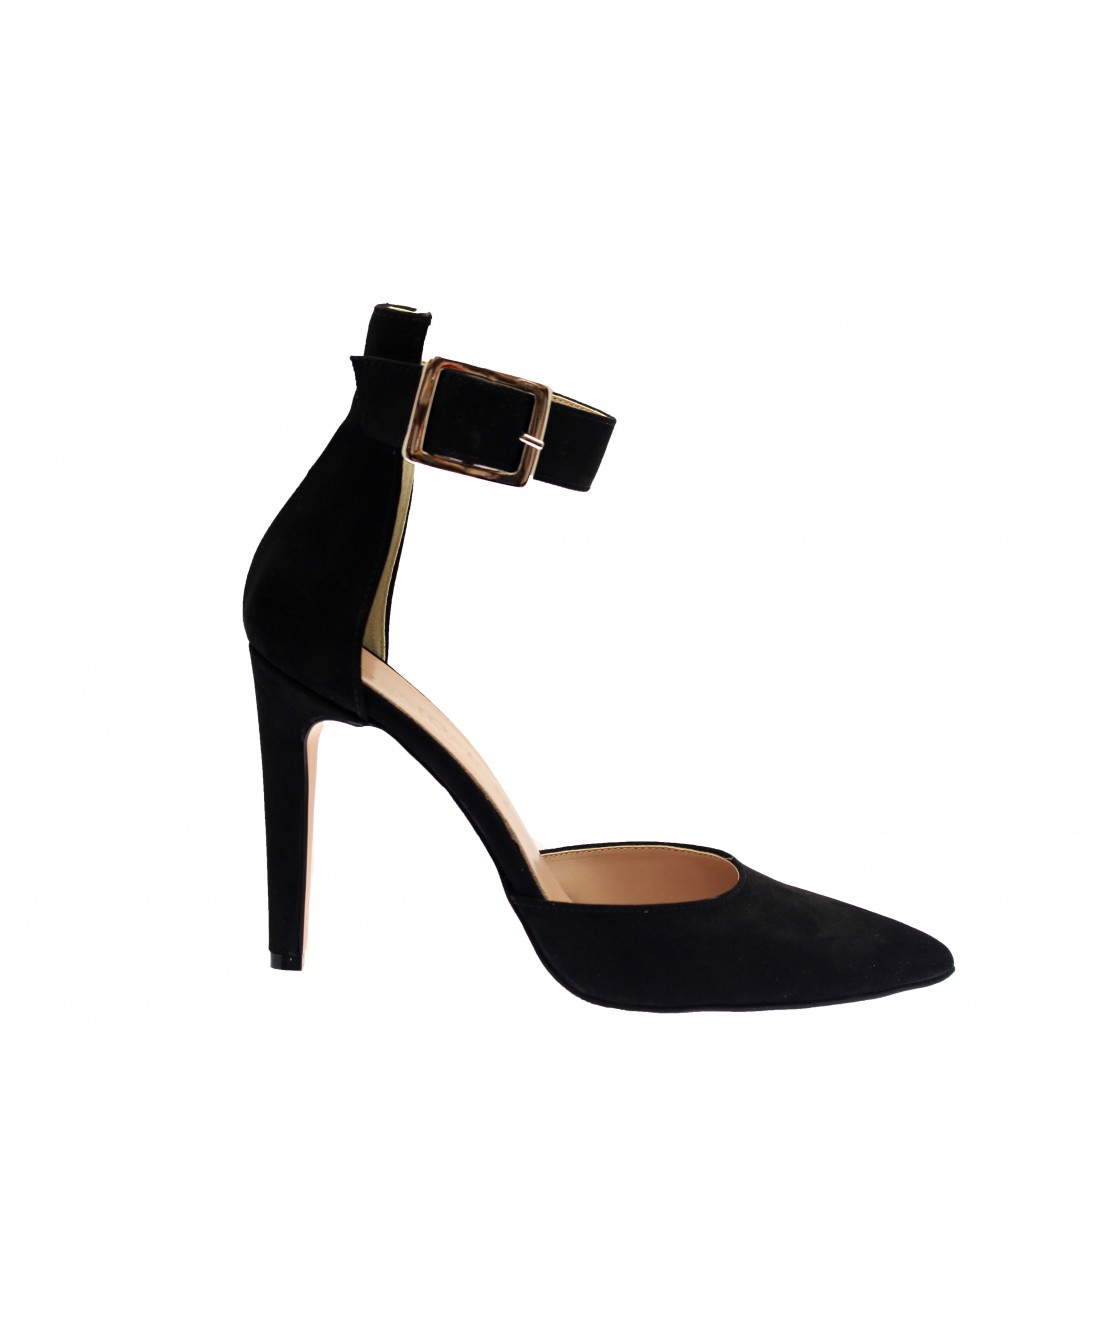 Touche séduction en escarpin femme daim noir à bride OSMOSE Shoes 2018 431e7a20310d